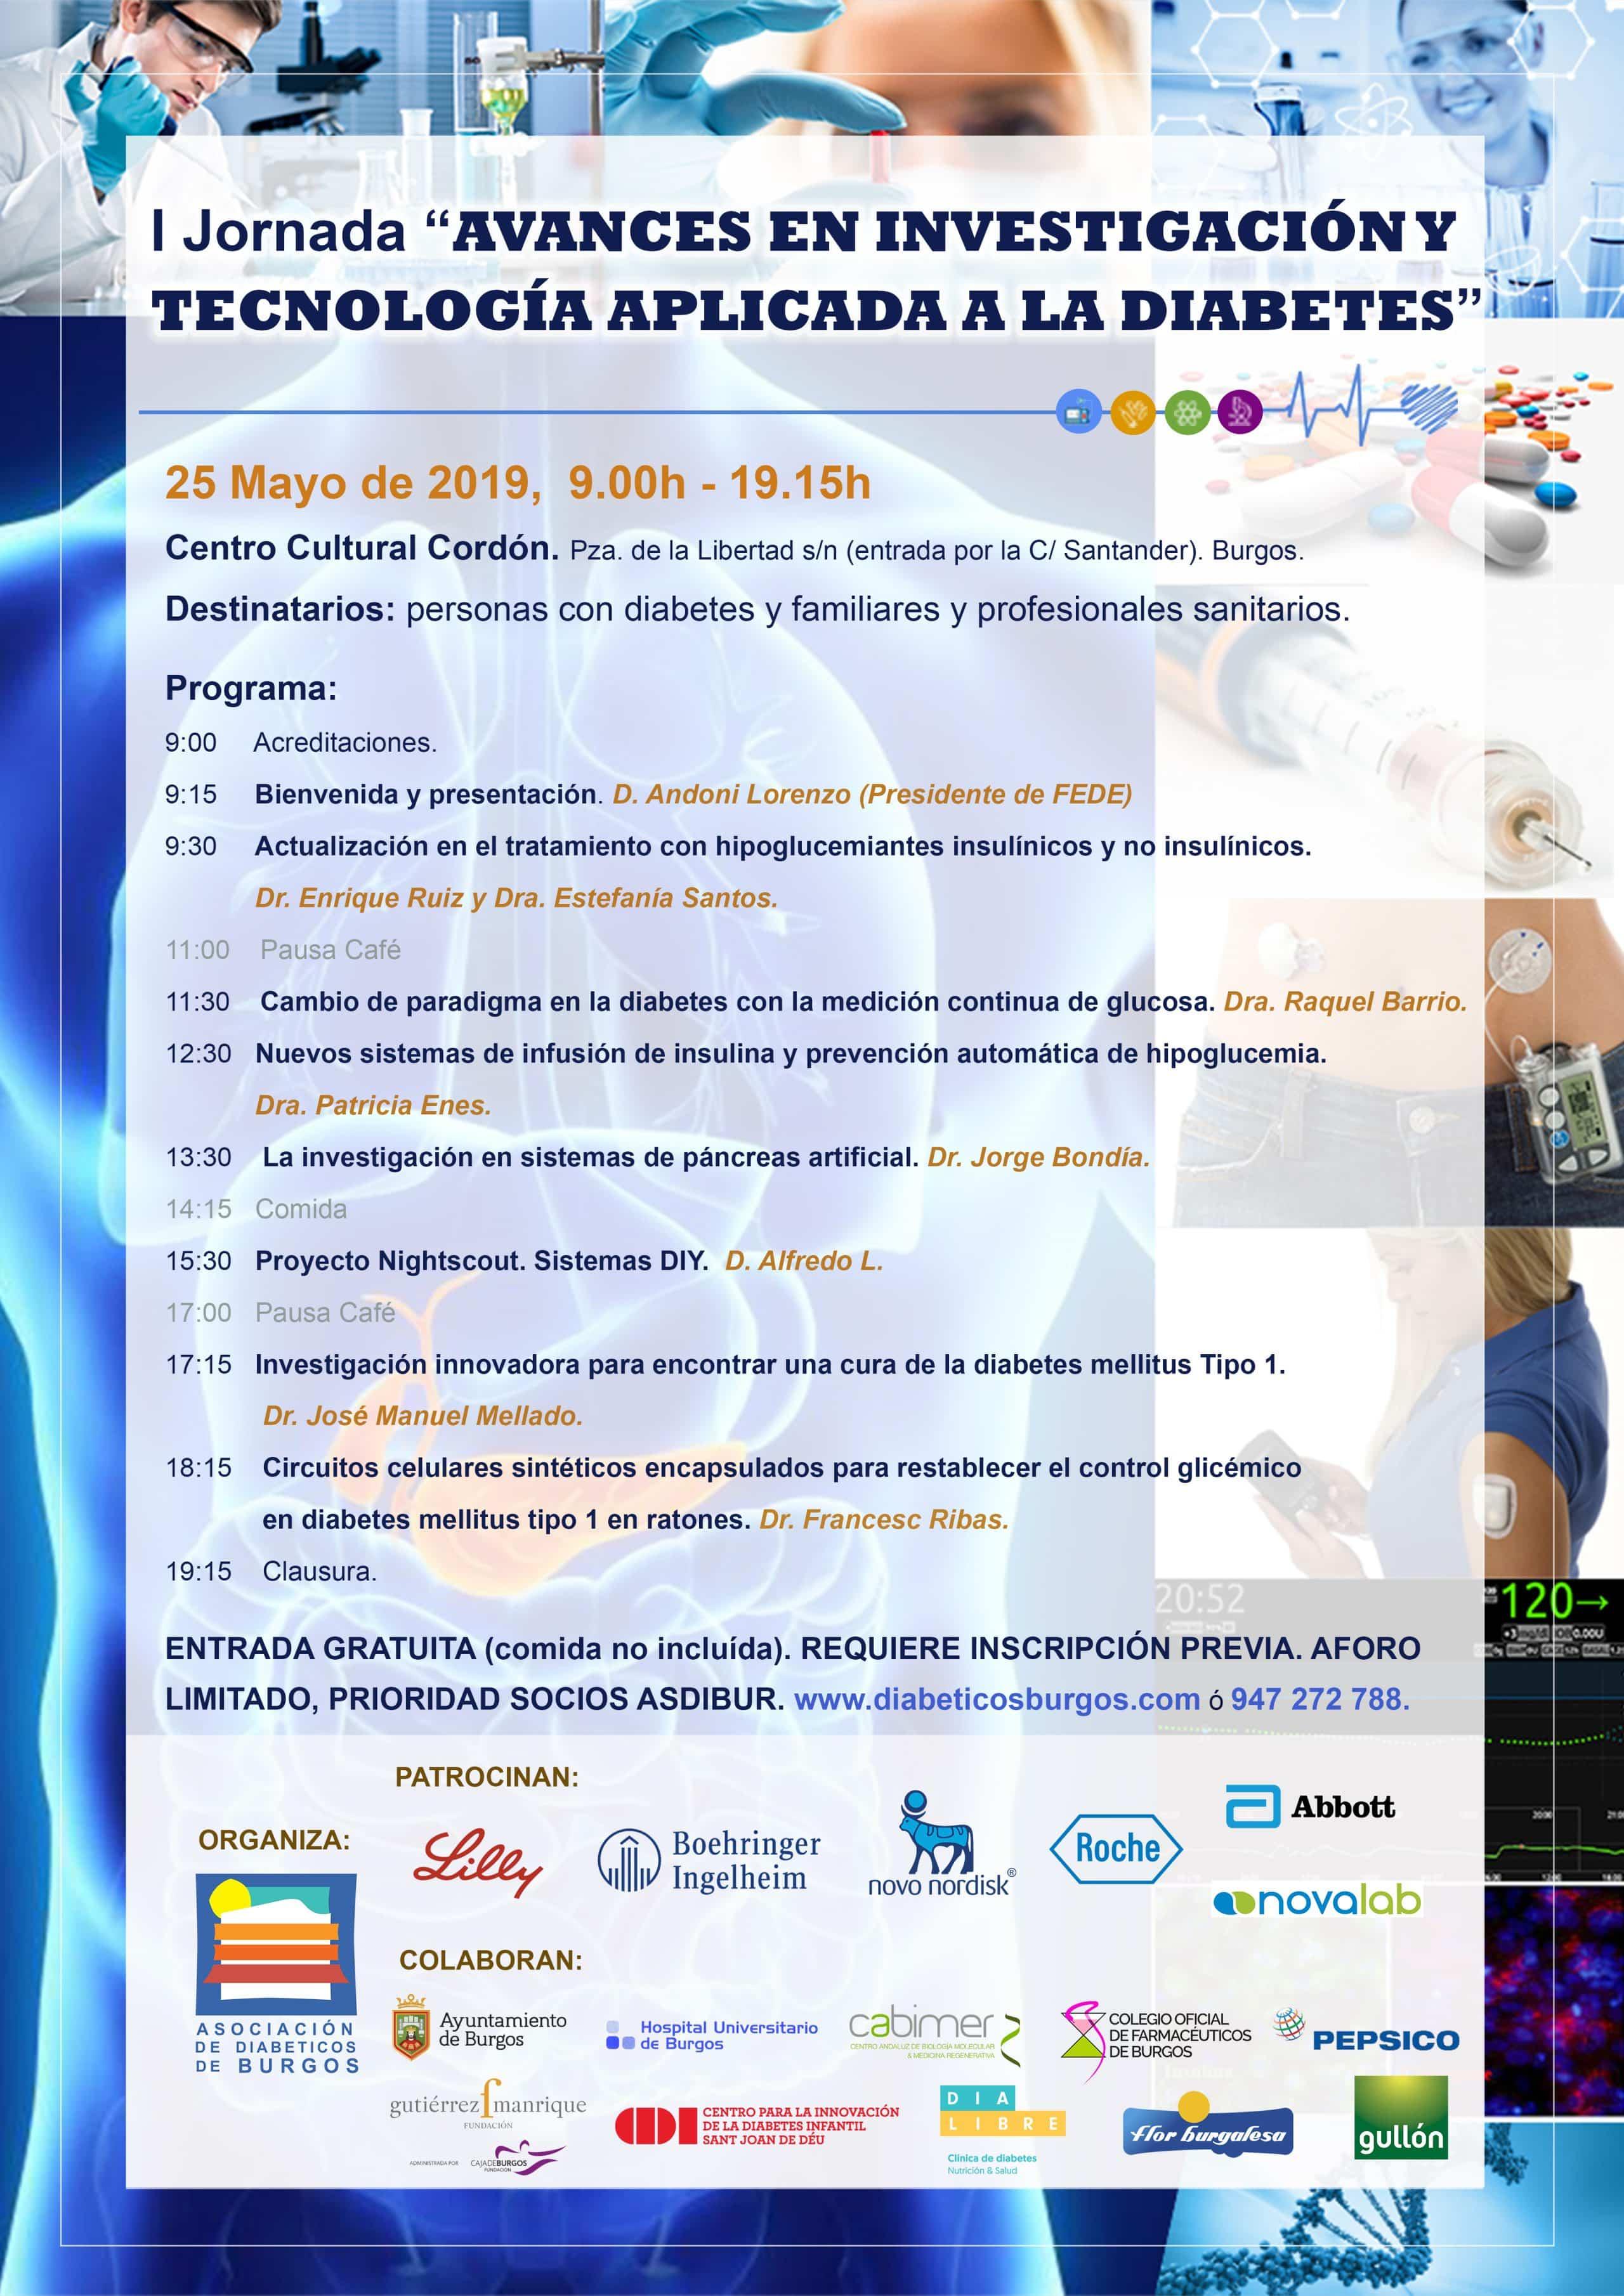 http://www.diabeticosburgos.com/wp-content/uploads/2019/04/jornadas_tecnologias-1.jpg